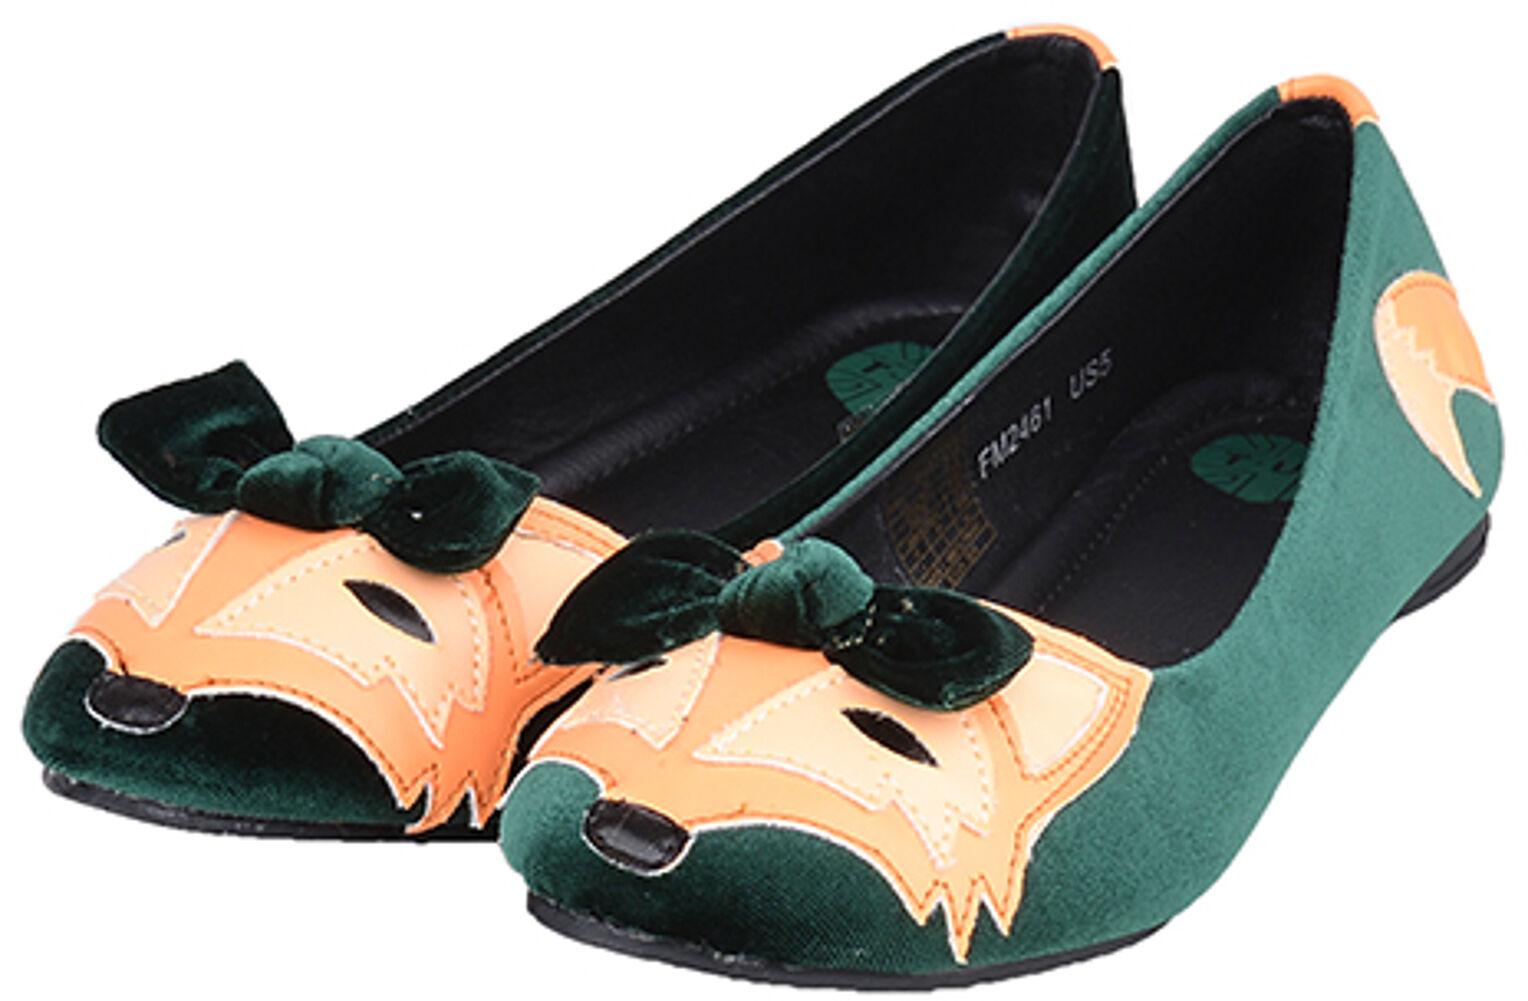 T.U.K. Velvet Fuchs Vintage FOX Fuchs Velvet Flat BALLERINAS Rockabilly 9561a9